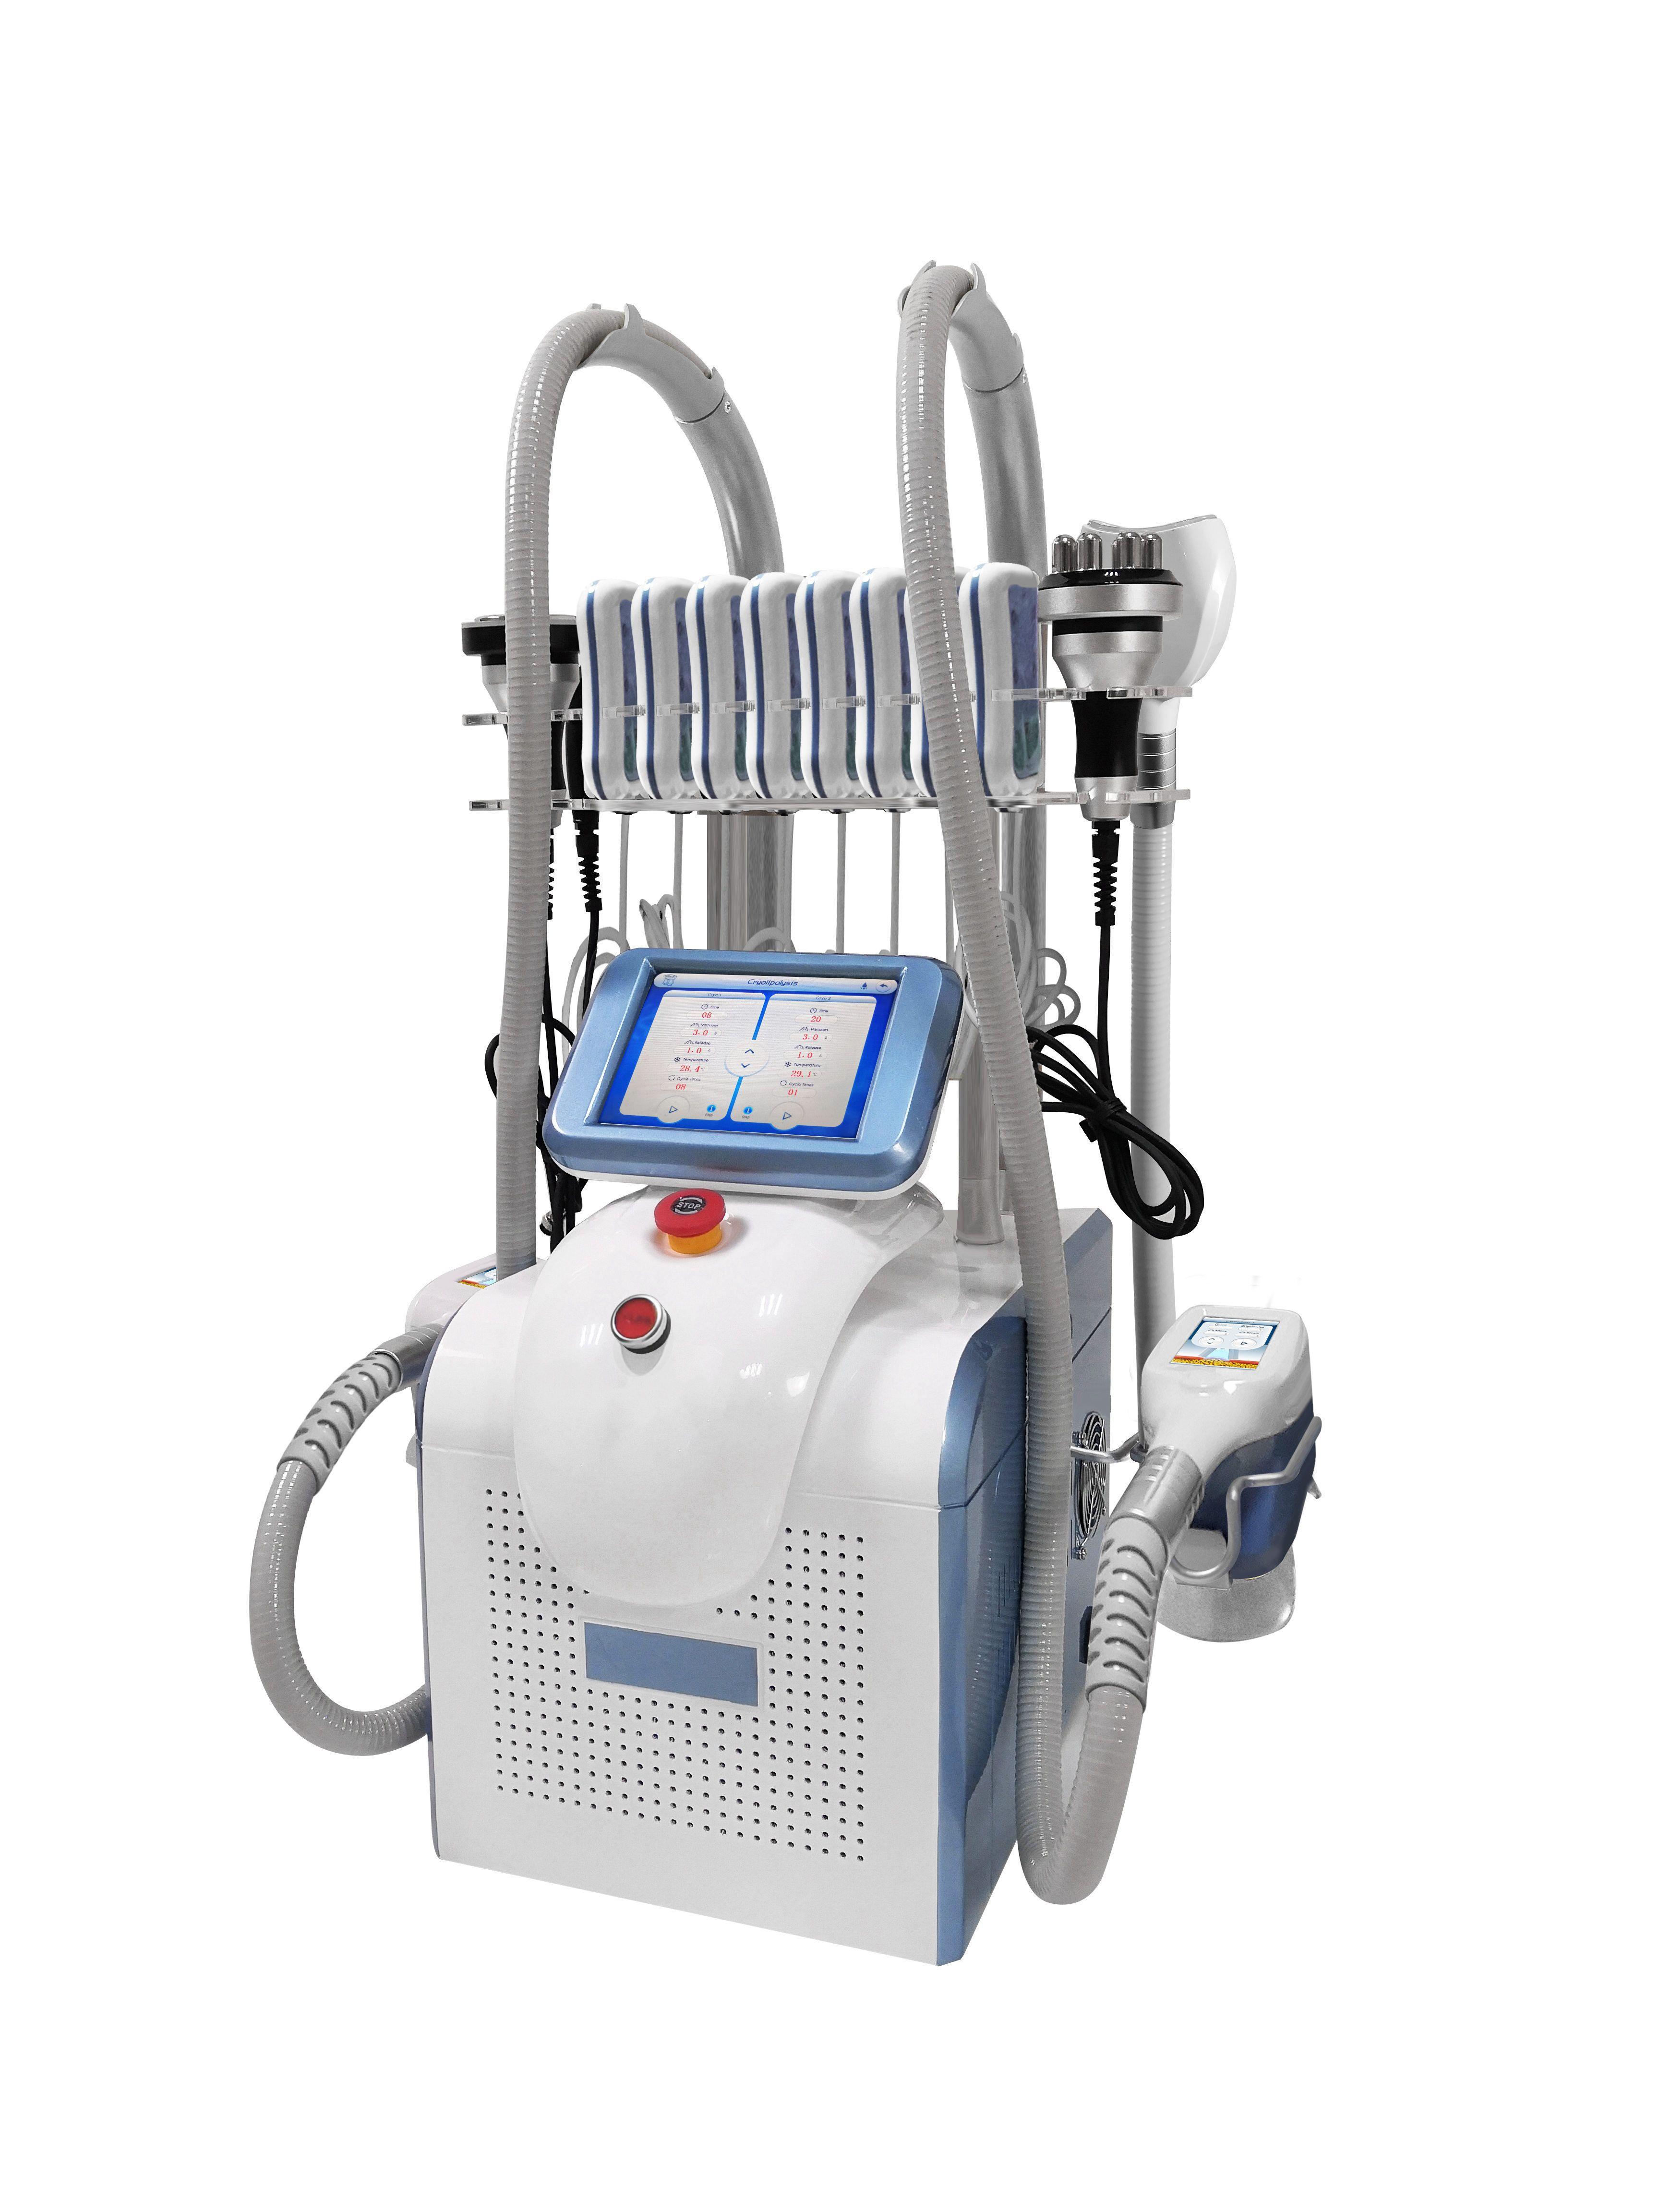 2020 Cryolipolysis آلة التجويف بالموجات فوق الصوتية ليبو الليزر 40 كيلو الدهون التجميد آلة مزدوجة الذقن إزالة الليزر التخسيس معدات الجمال